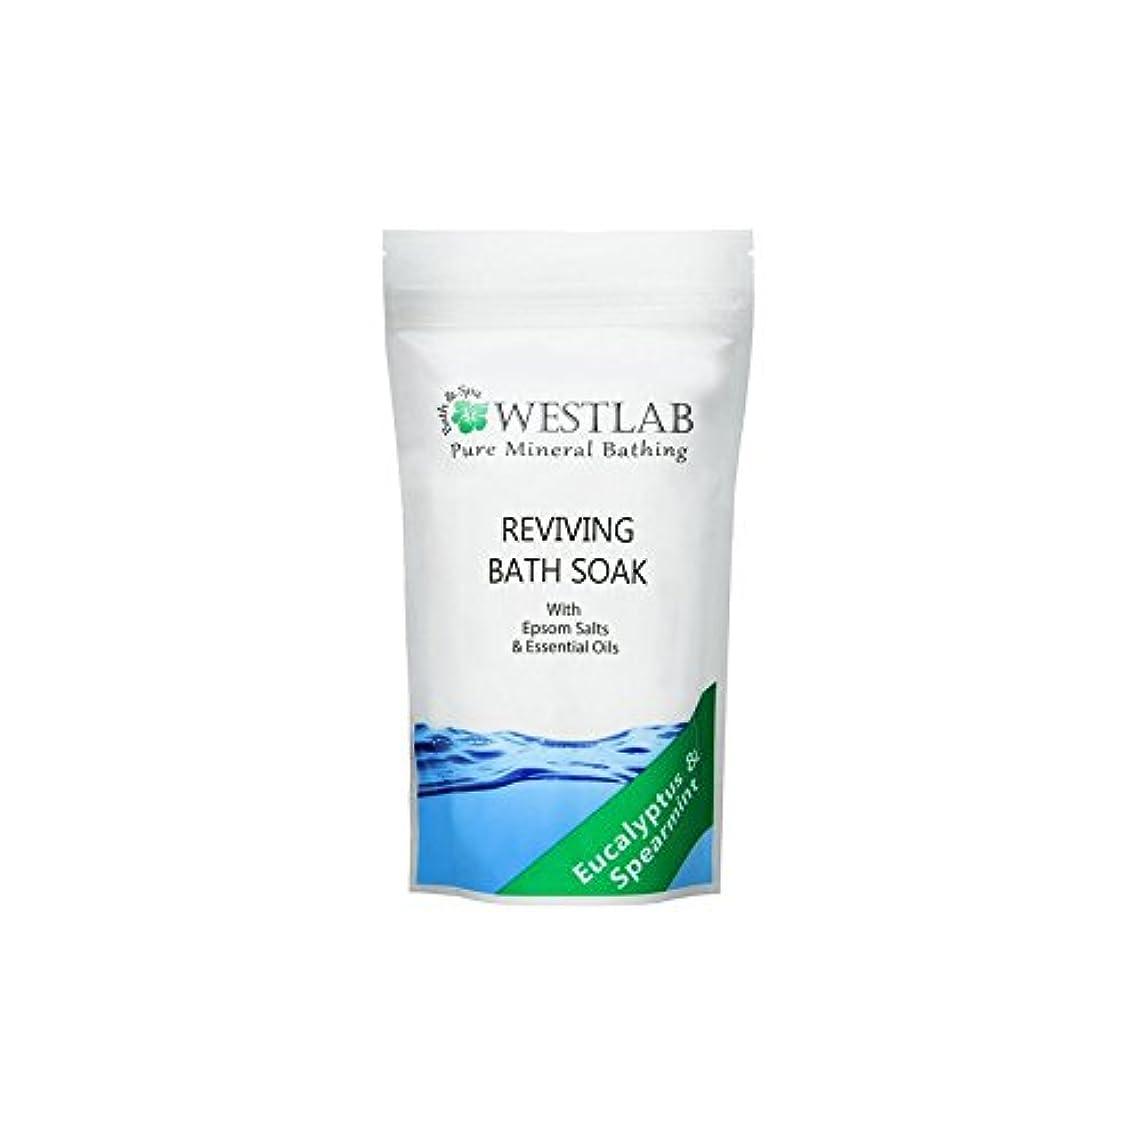 クランプシリング宇宙船Westlab Revive Epsom Salt Bath Soak (500g) - (500グラム)をソークエプソム塩浴を復活させます [並行輸入品]